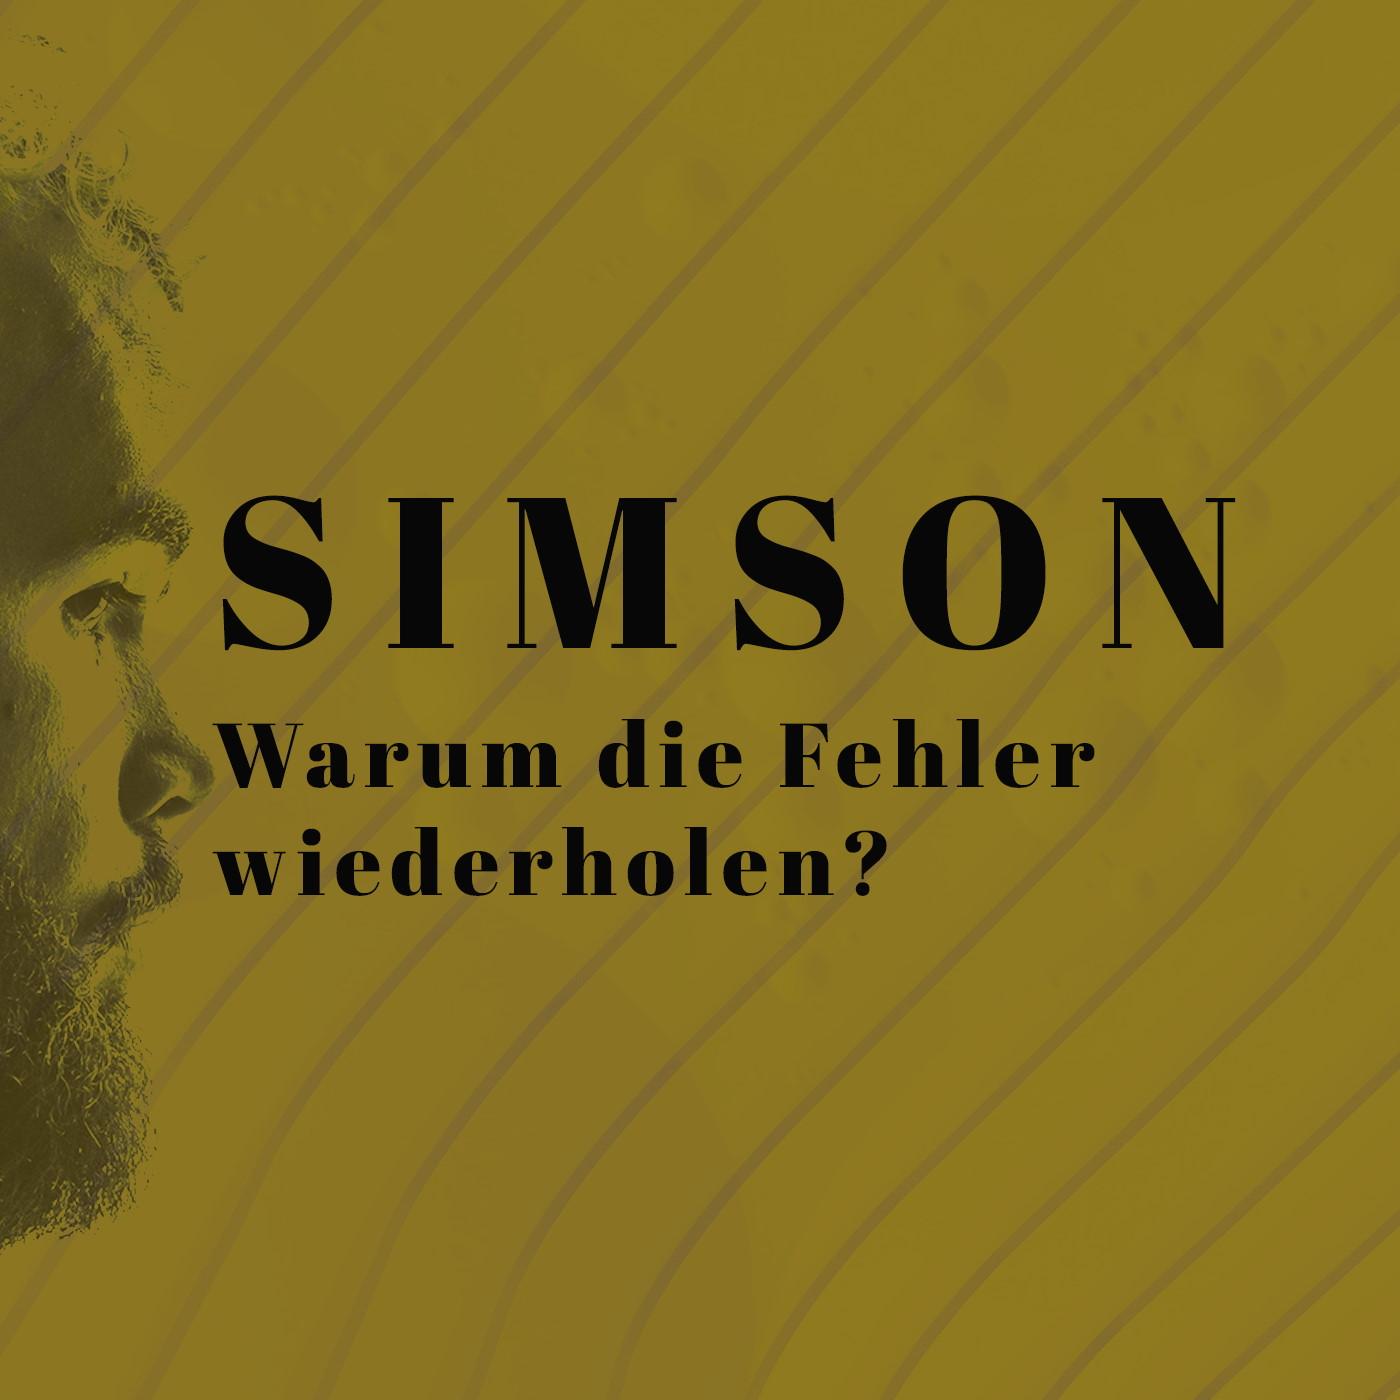 Simson - Warum die Fehler wiederholen? [video]